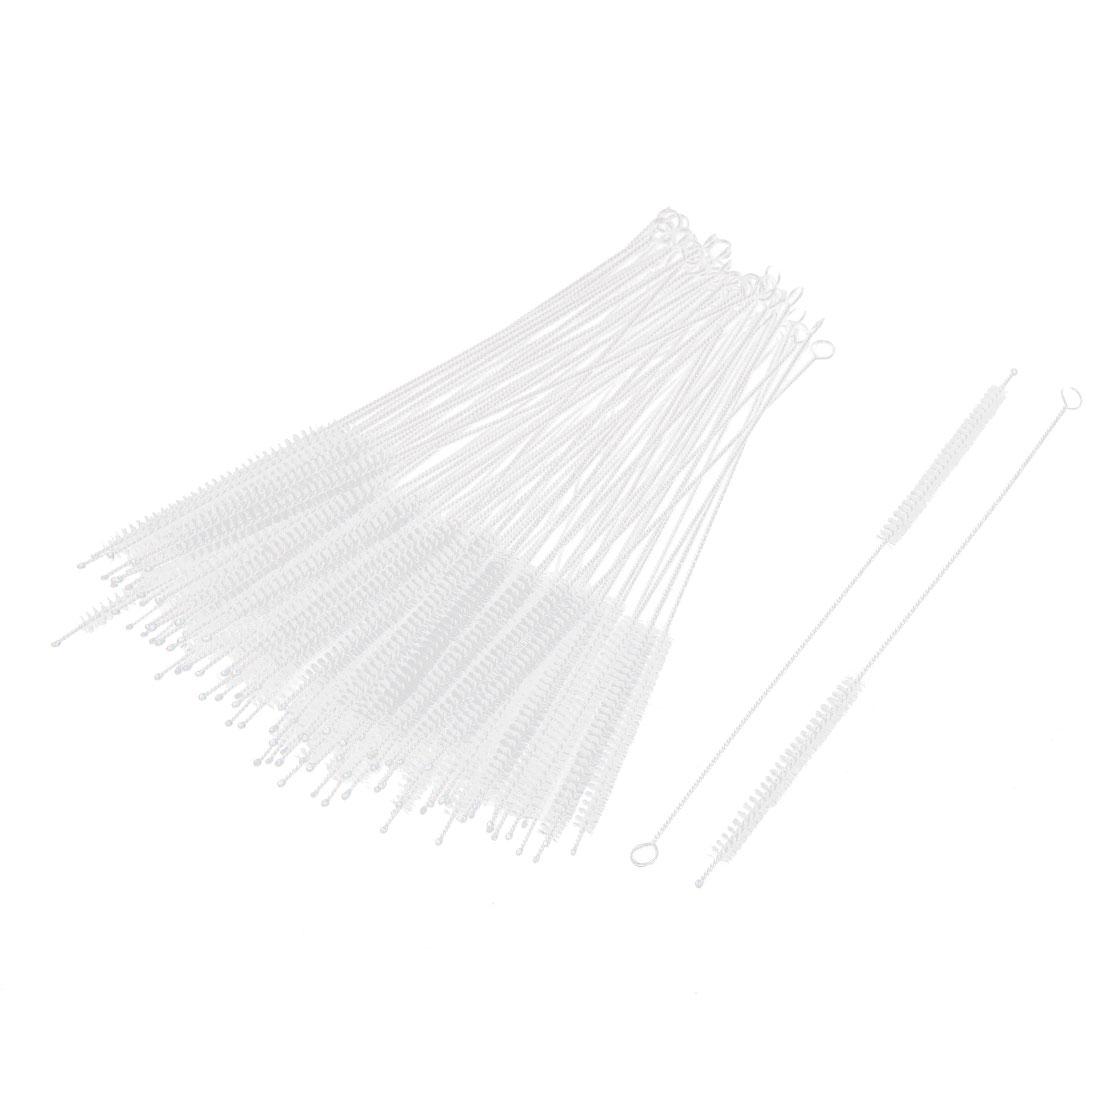 3mm Dia Nylon Twisted Handle Test Tube Pipe Bottle Wash Cleaning Brushes 100pcs